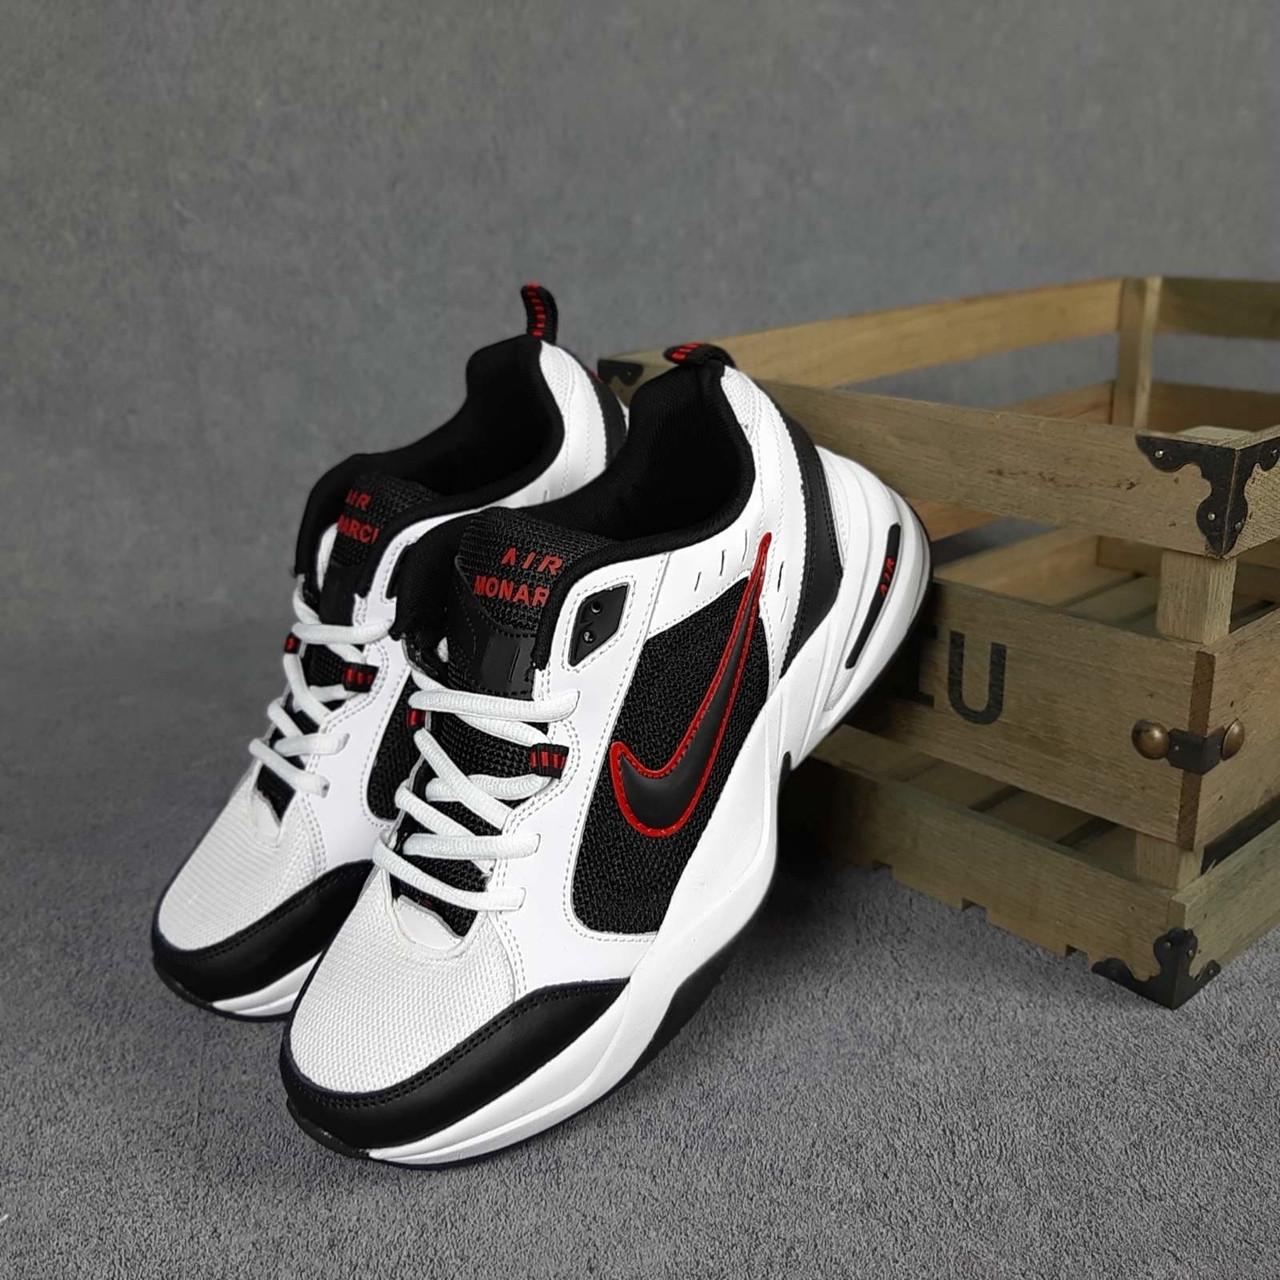 Мужские кроссовки Nike Air Monarch Белые с чёрным и красным